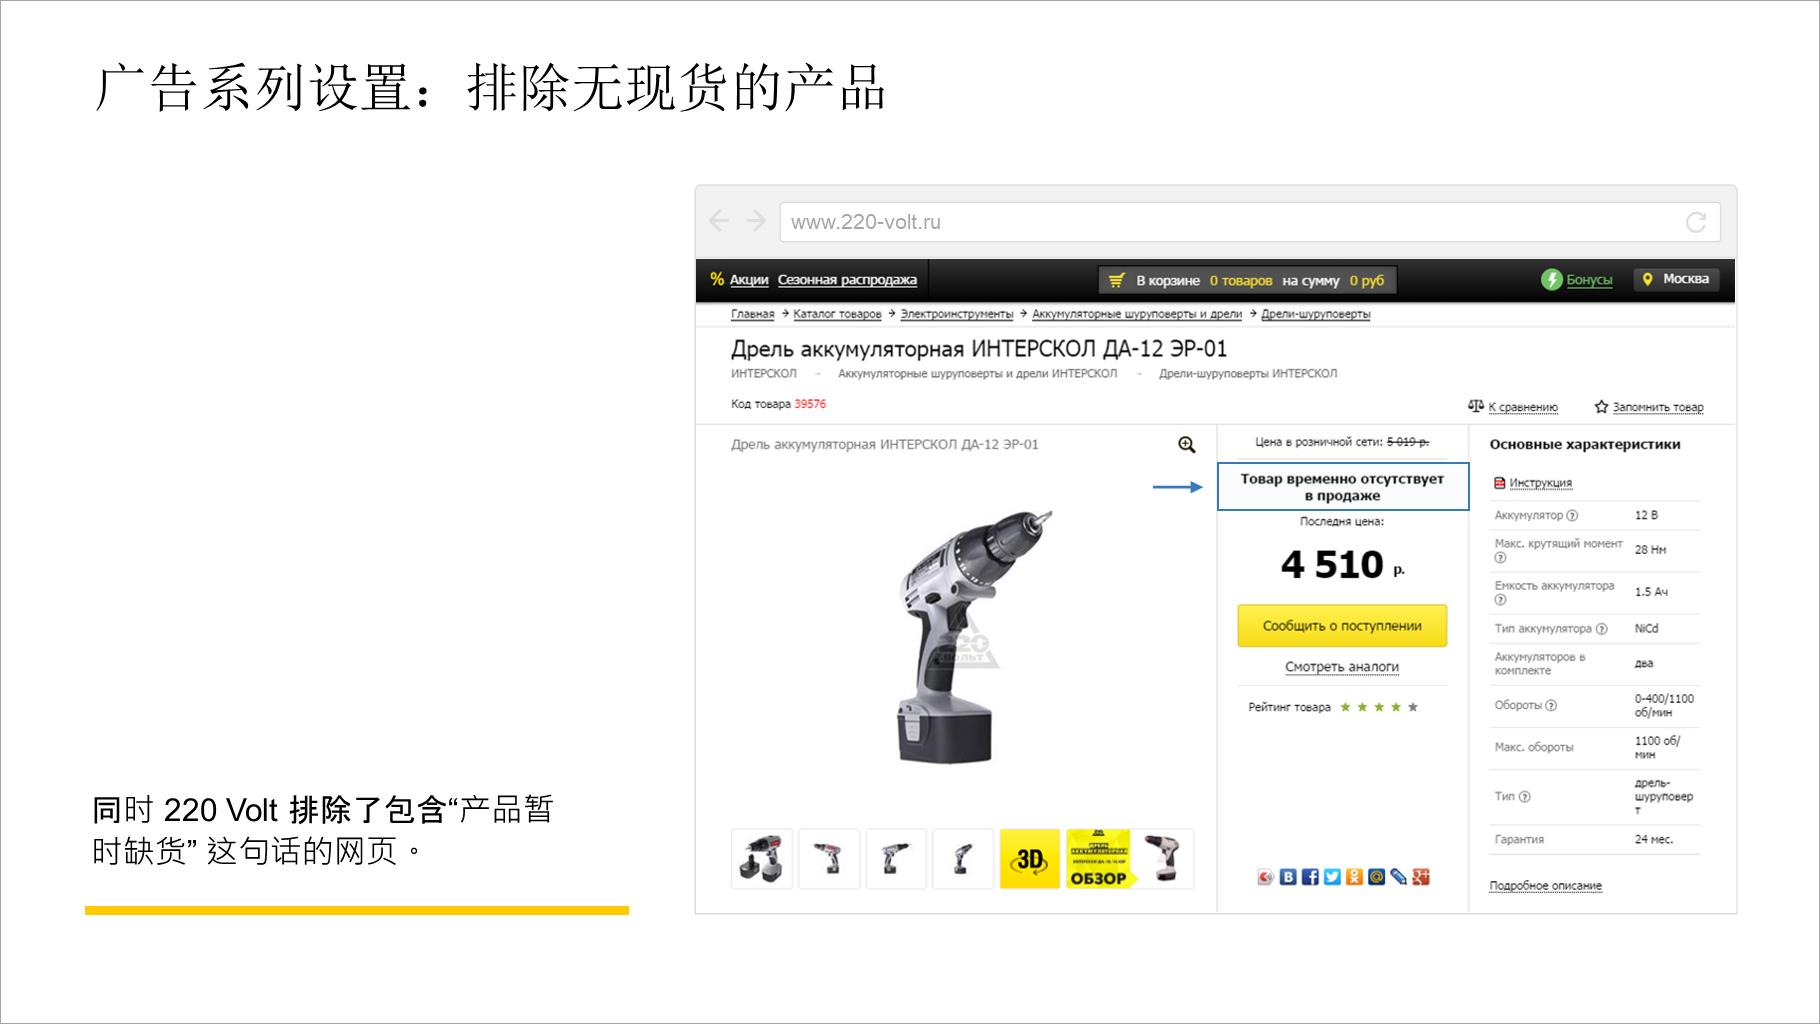 广告系列设置:排除无现货的产品